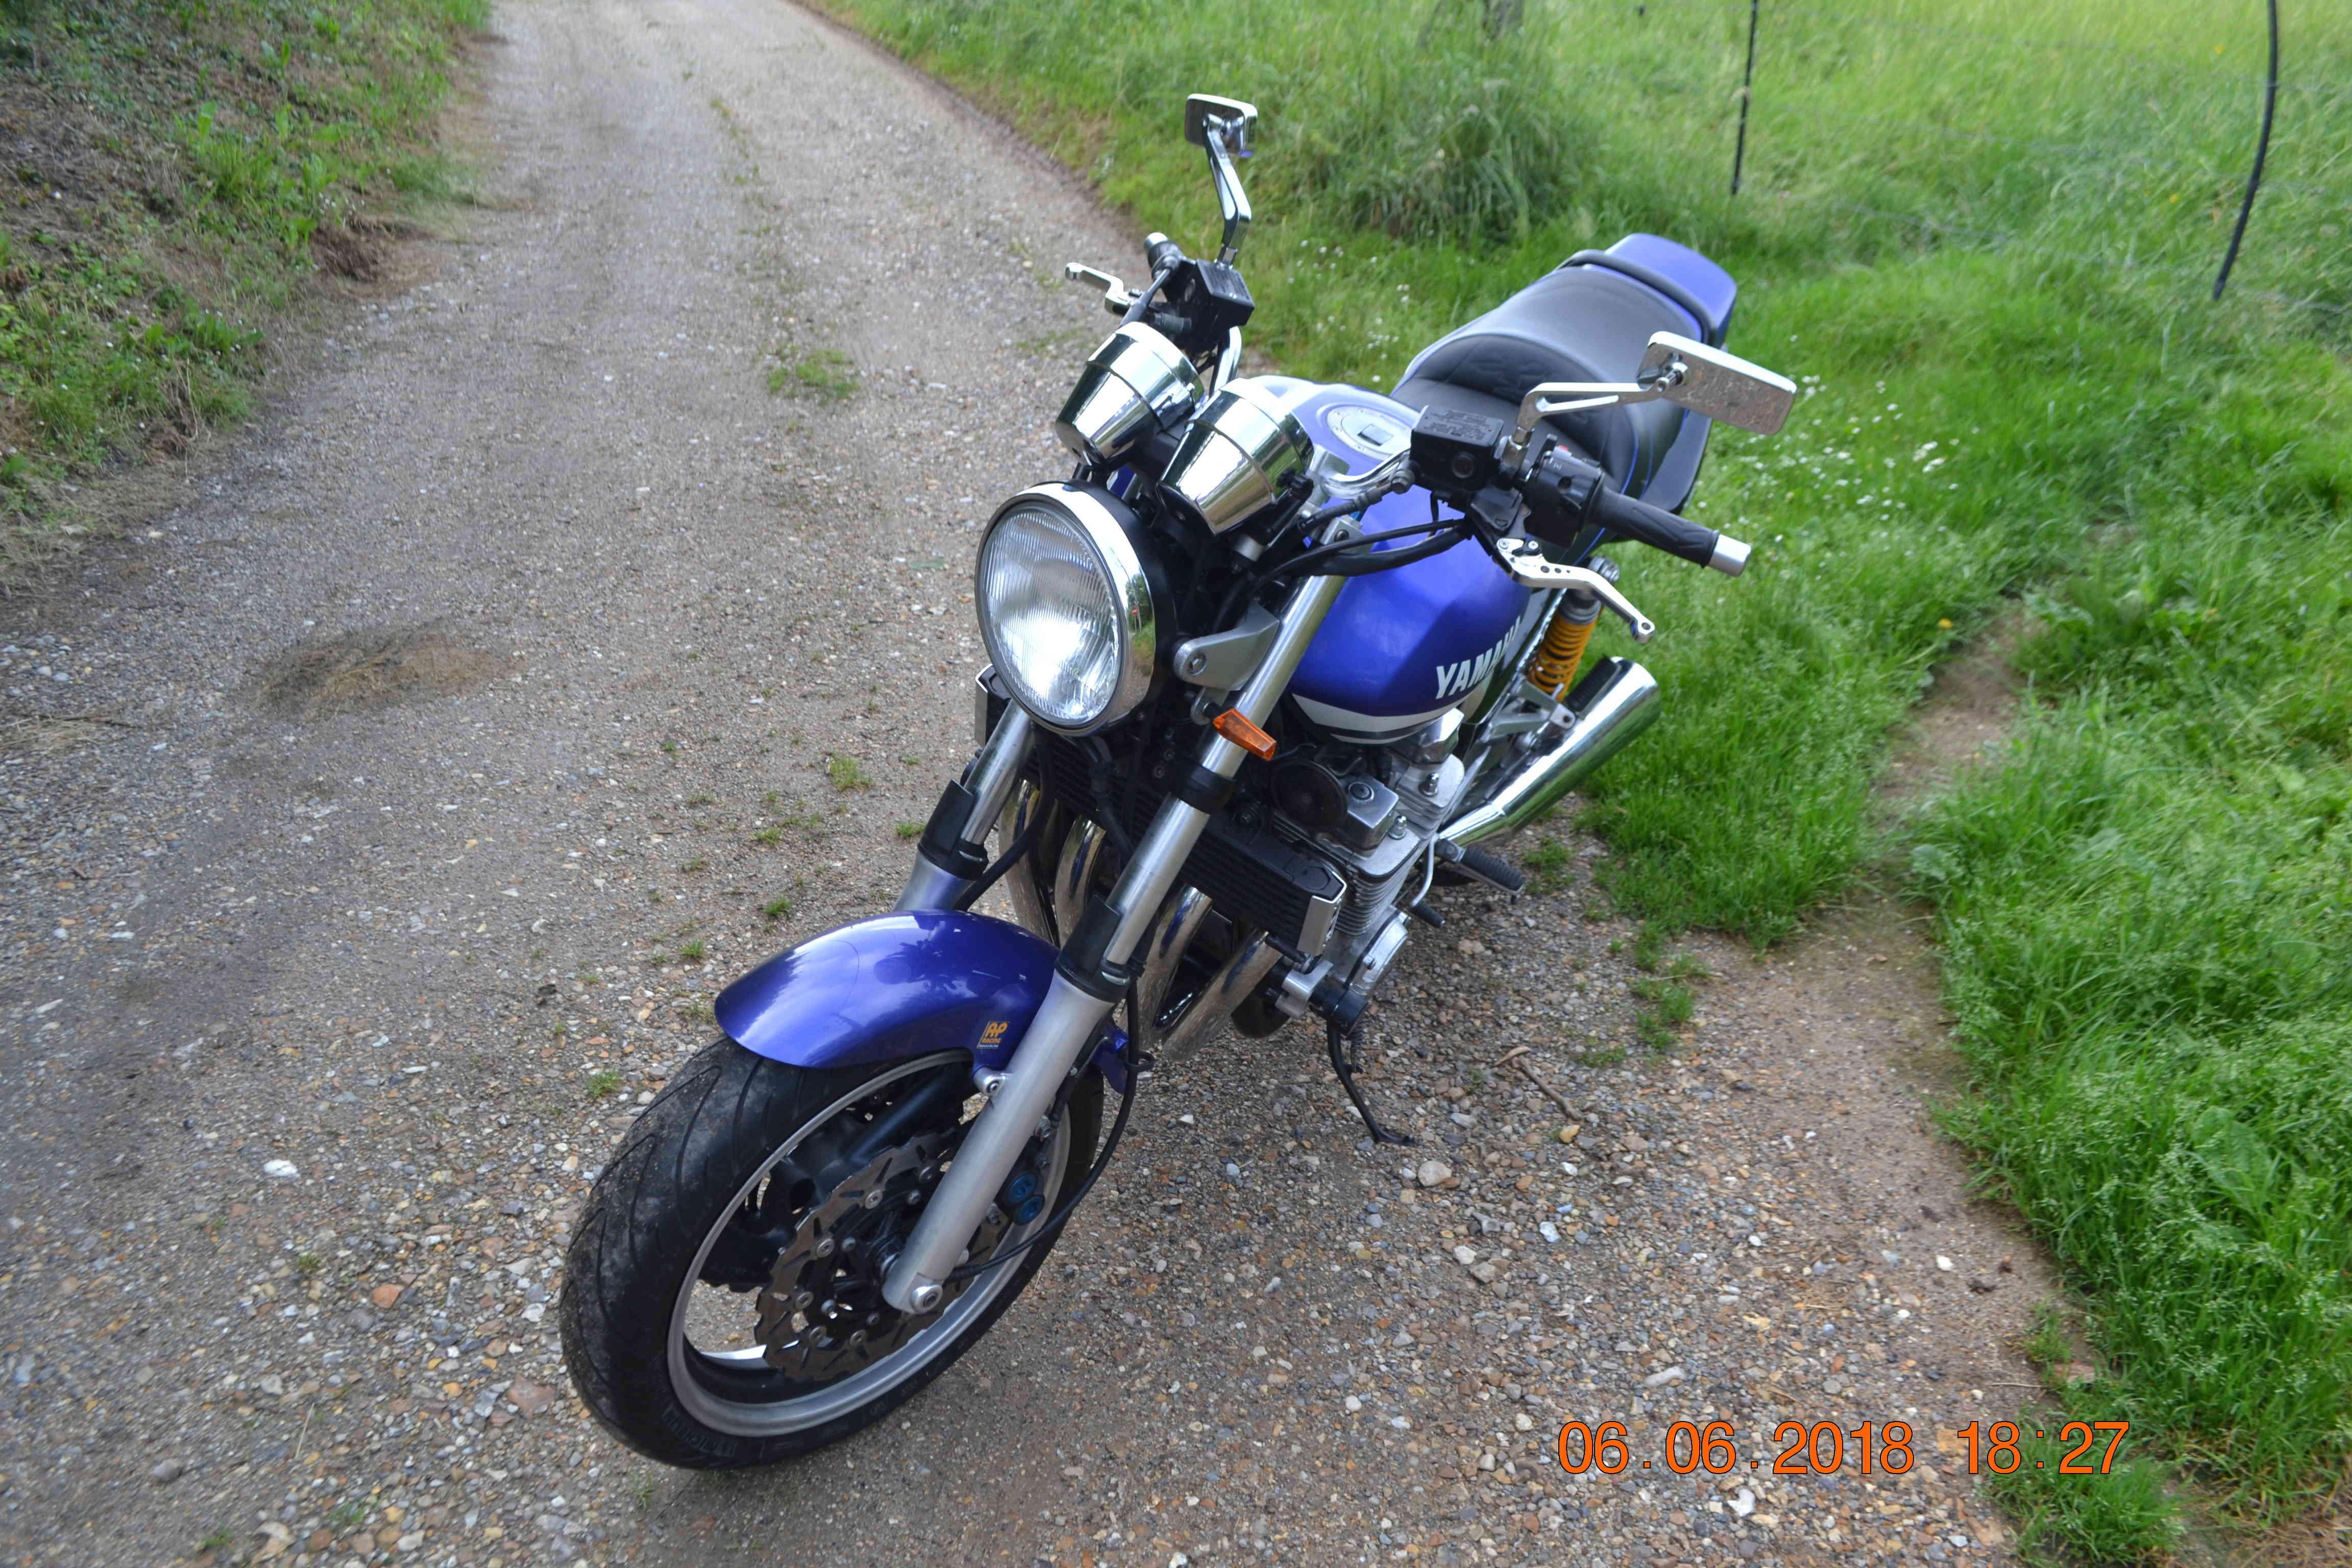 1300 xjr modele 2002 bleue Vendue Dsc_0156